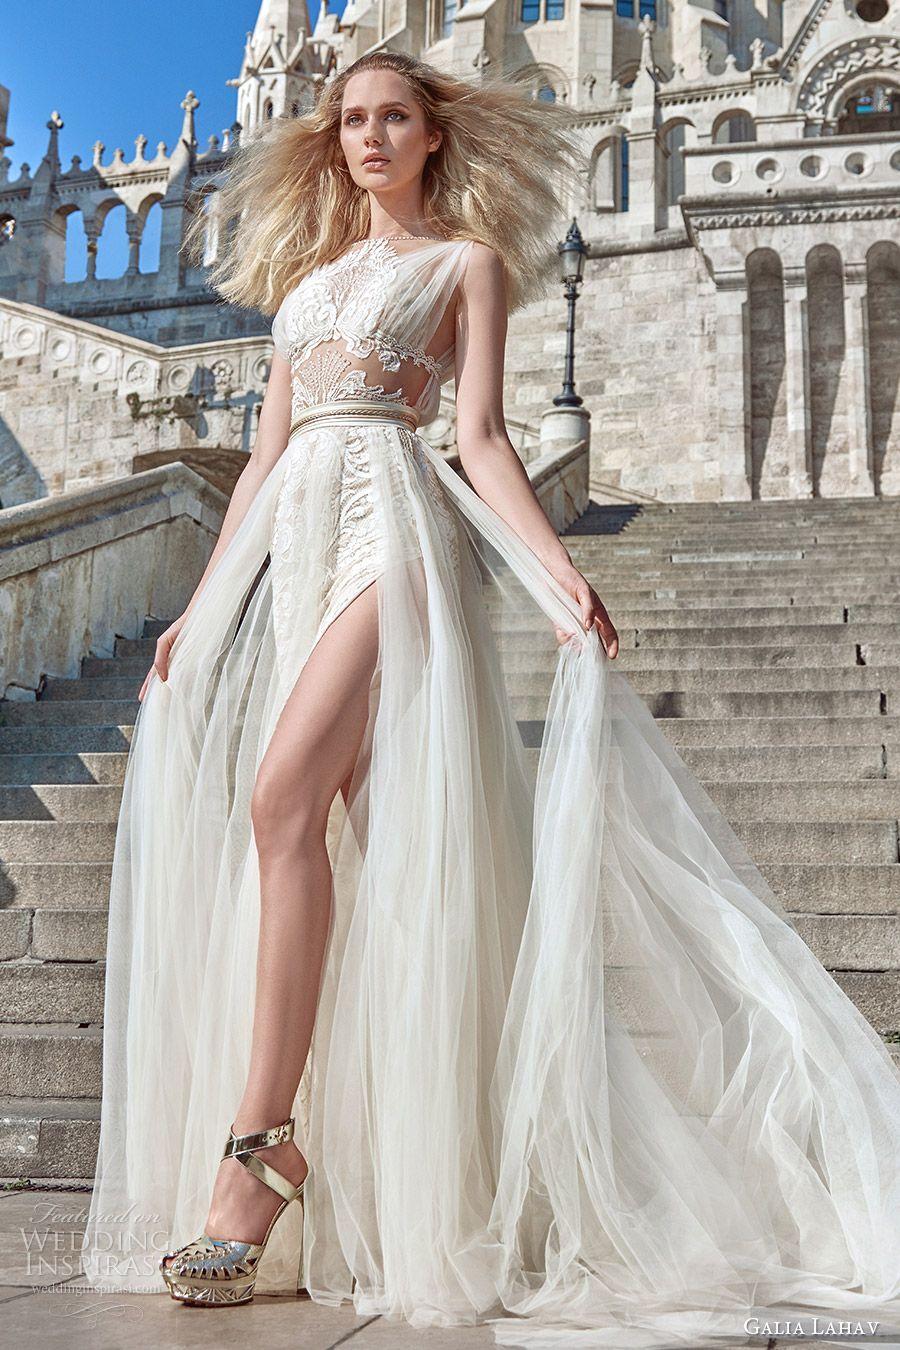 Galia Lahav Couture Fall 2016 Wedding Dresses — Ivory Tower Bridal ...